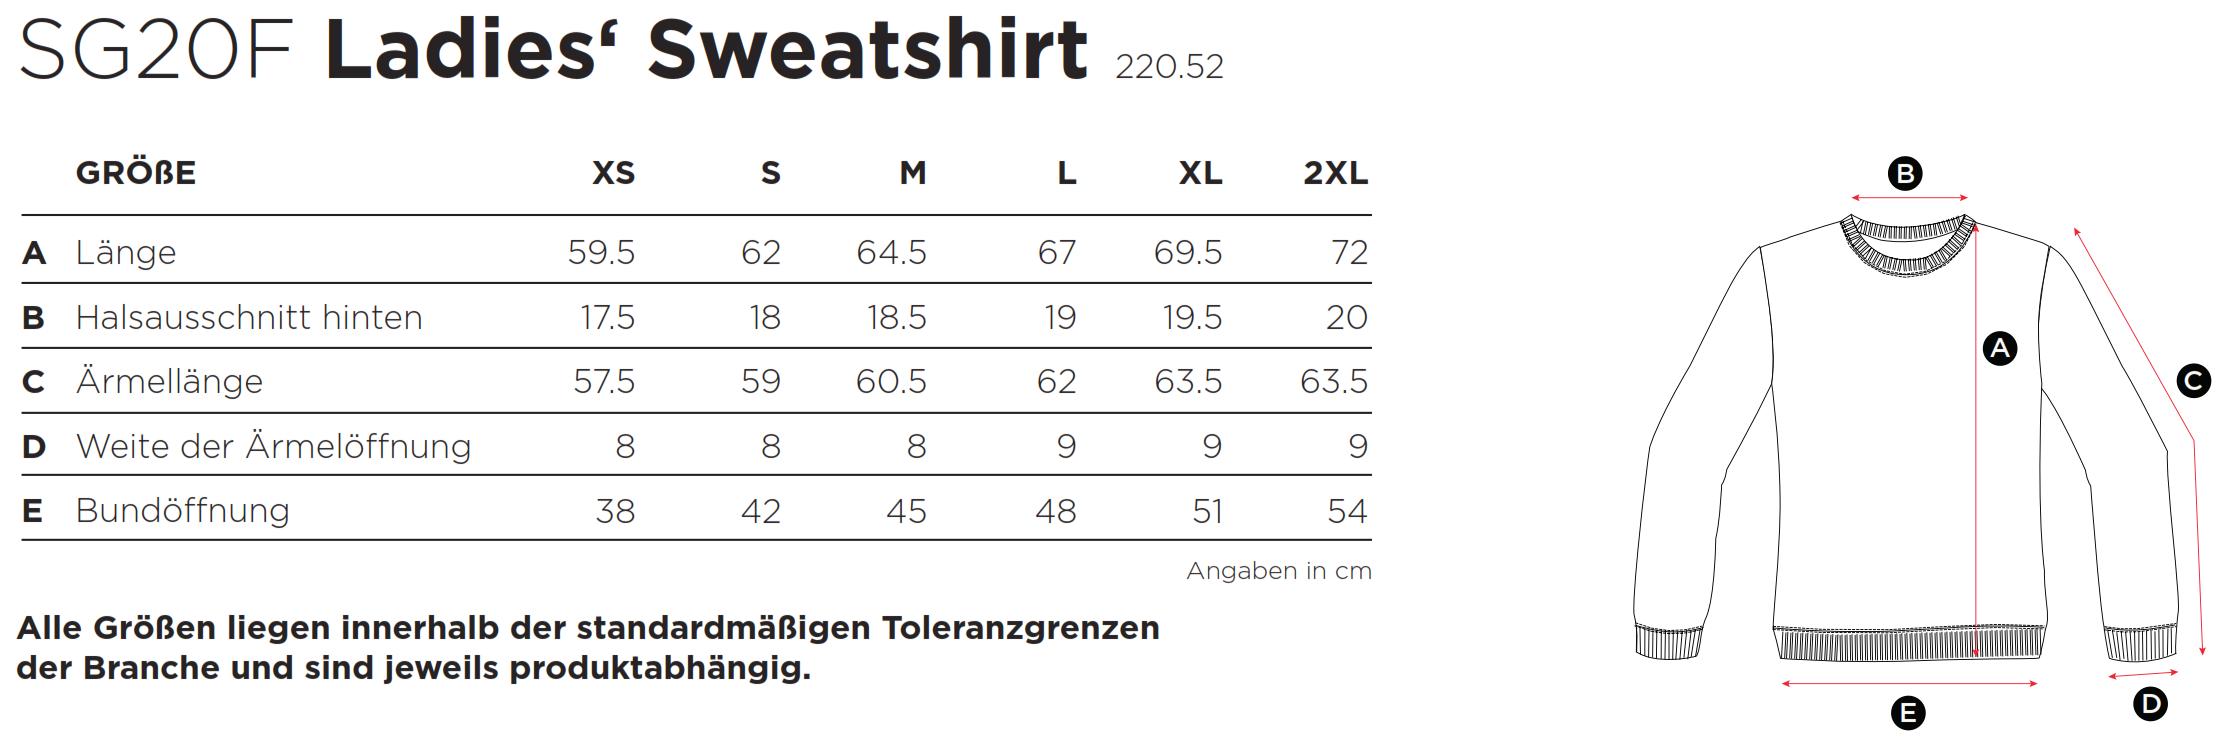 SG: Ladies` Sweatshirt SG20F